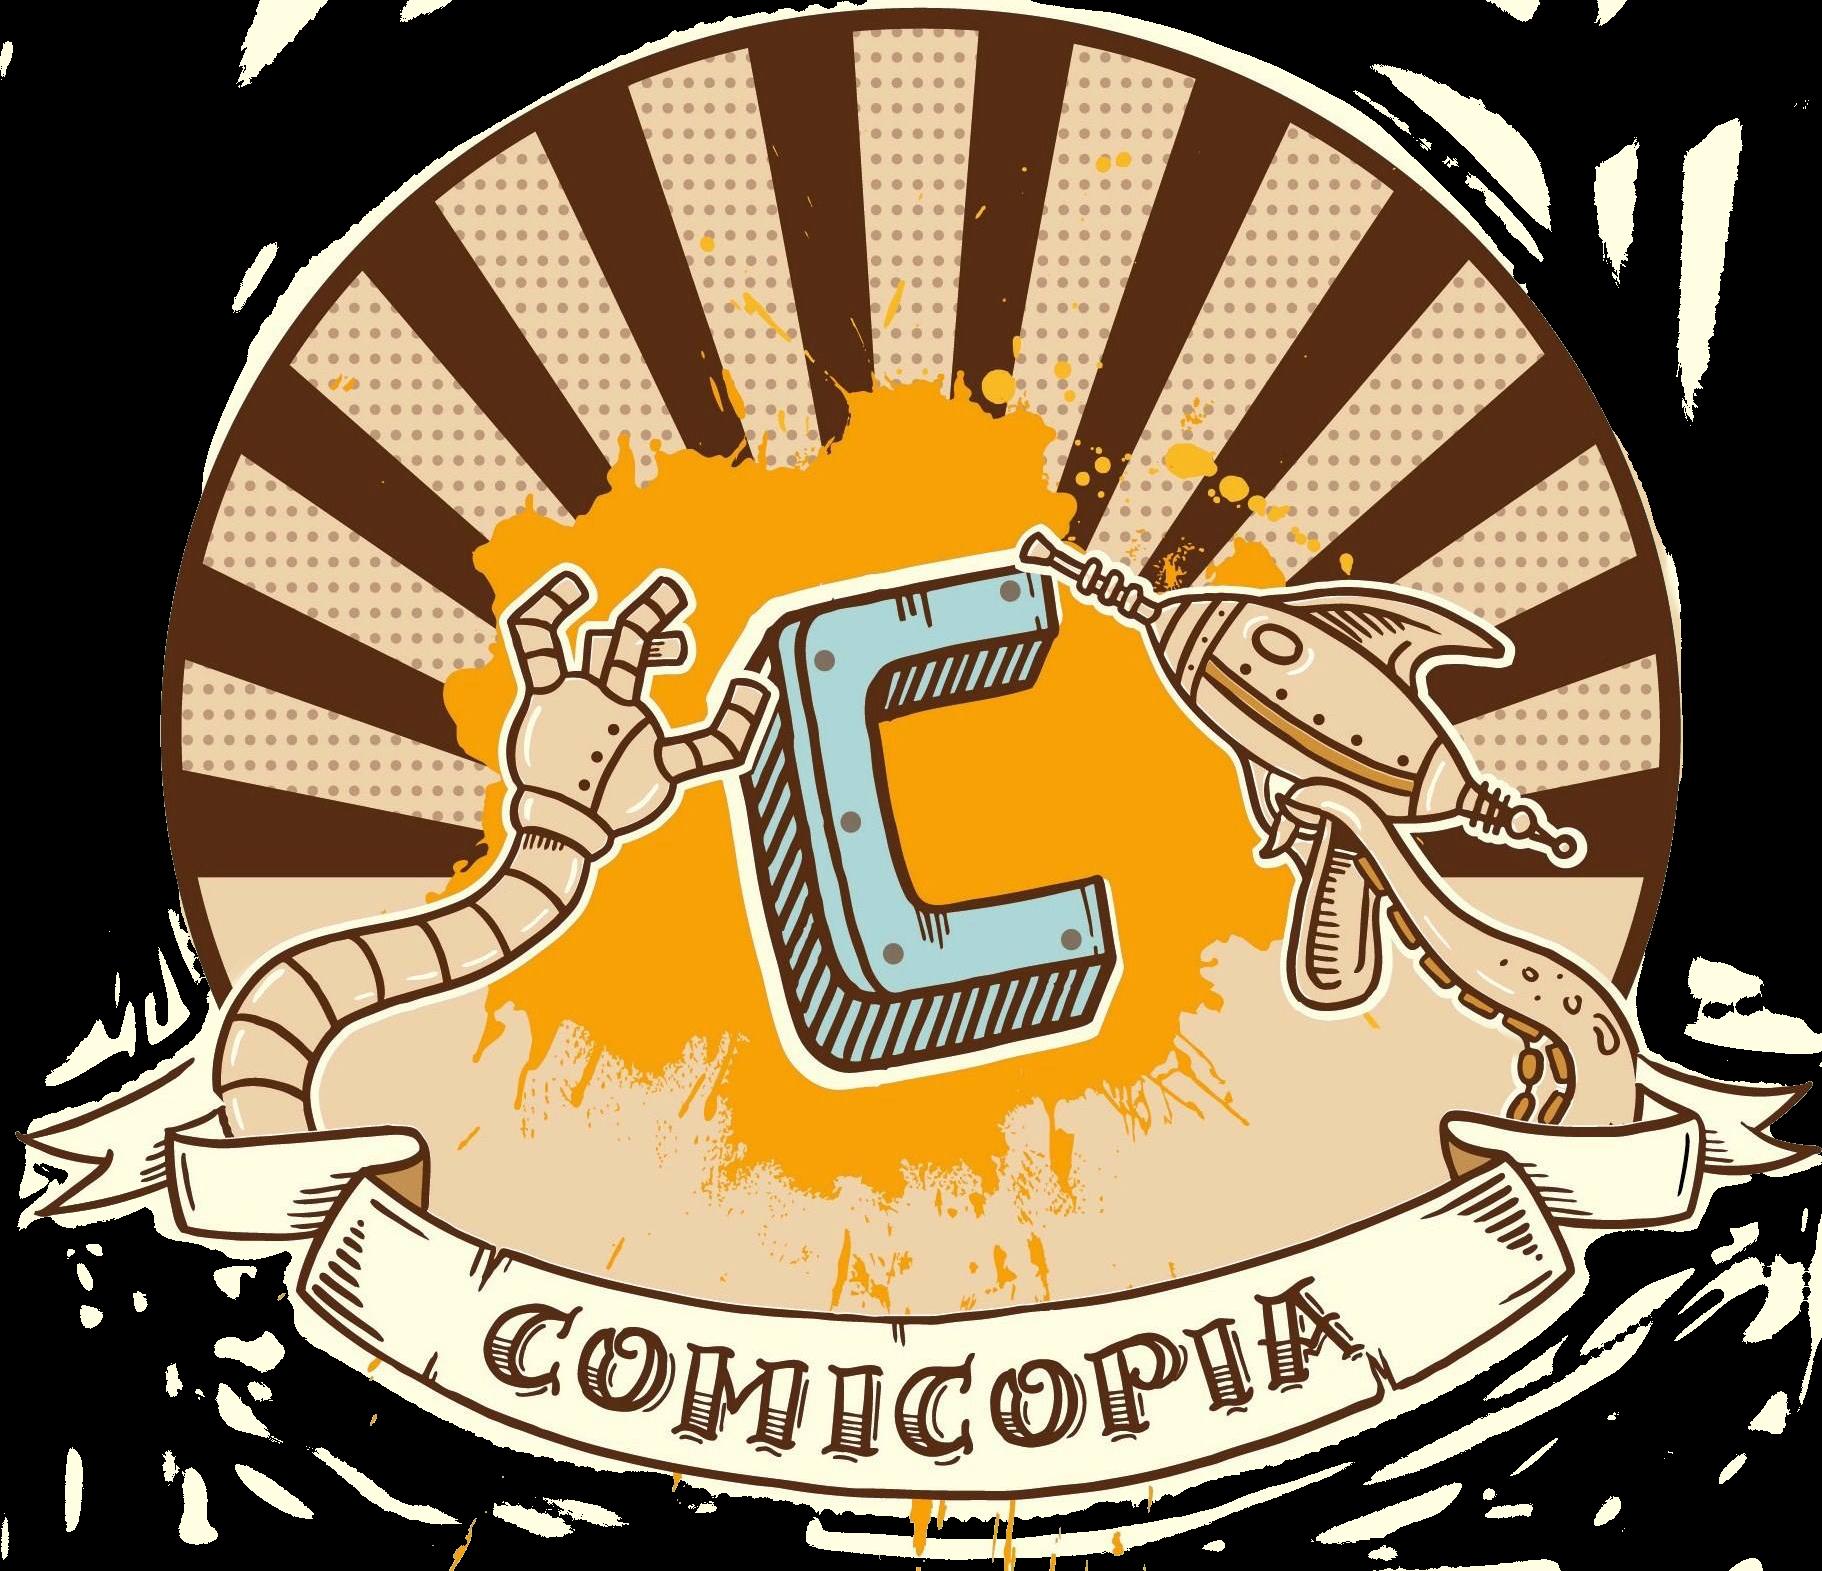 Comicopia.